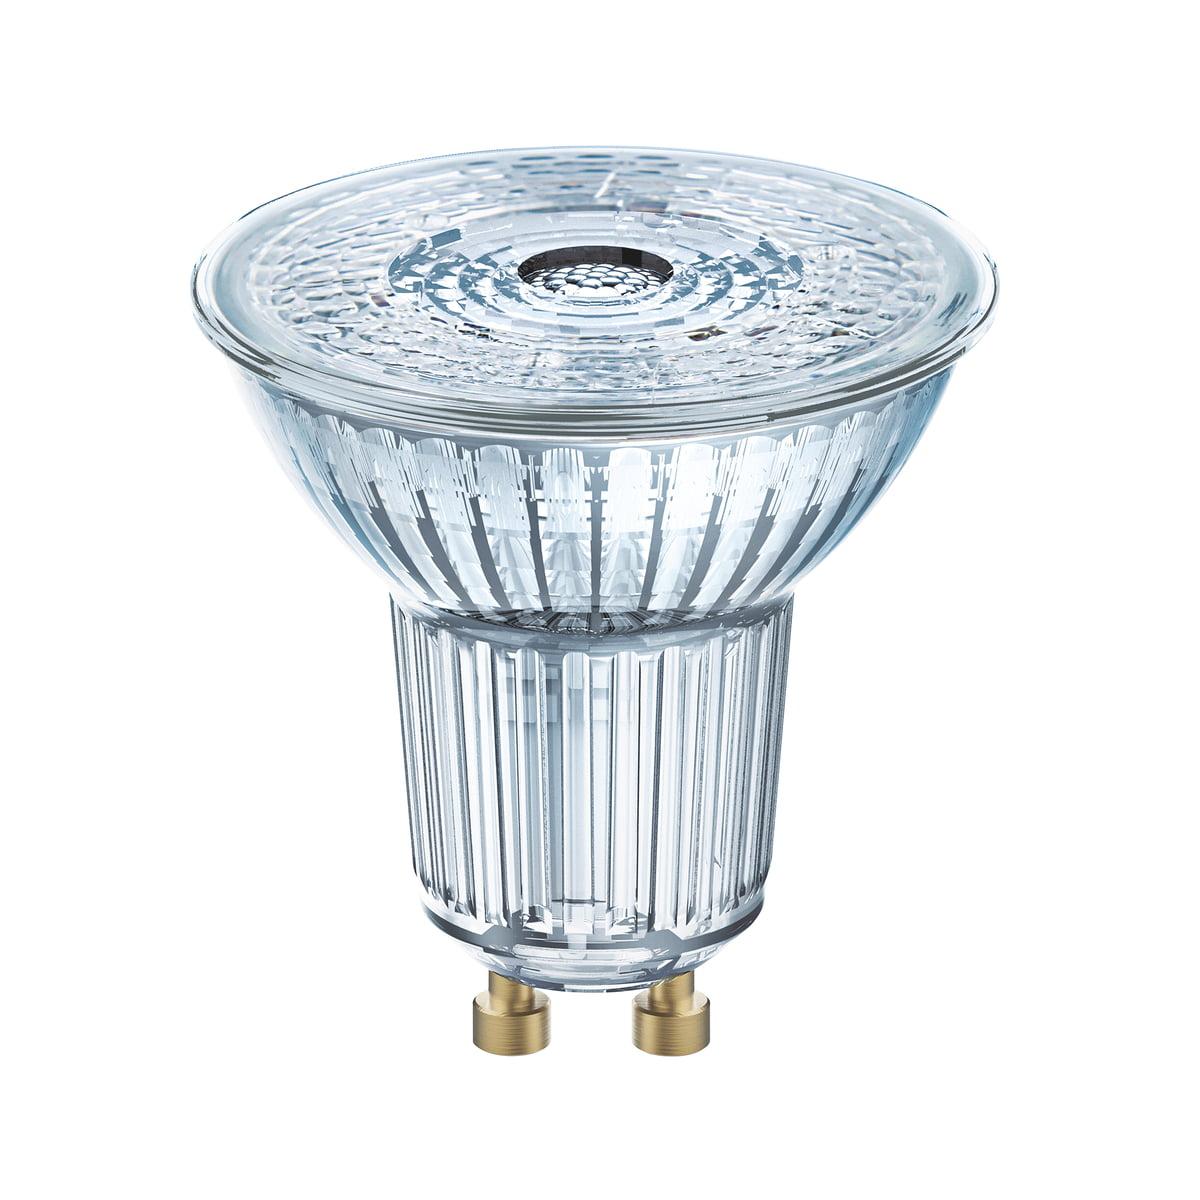 Réflecteur Star Osram LmTransparent WBlanc Ampoule 3 À Par16 4 2700 Chaud K350 5036°LedGu10 Yfgyb76